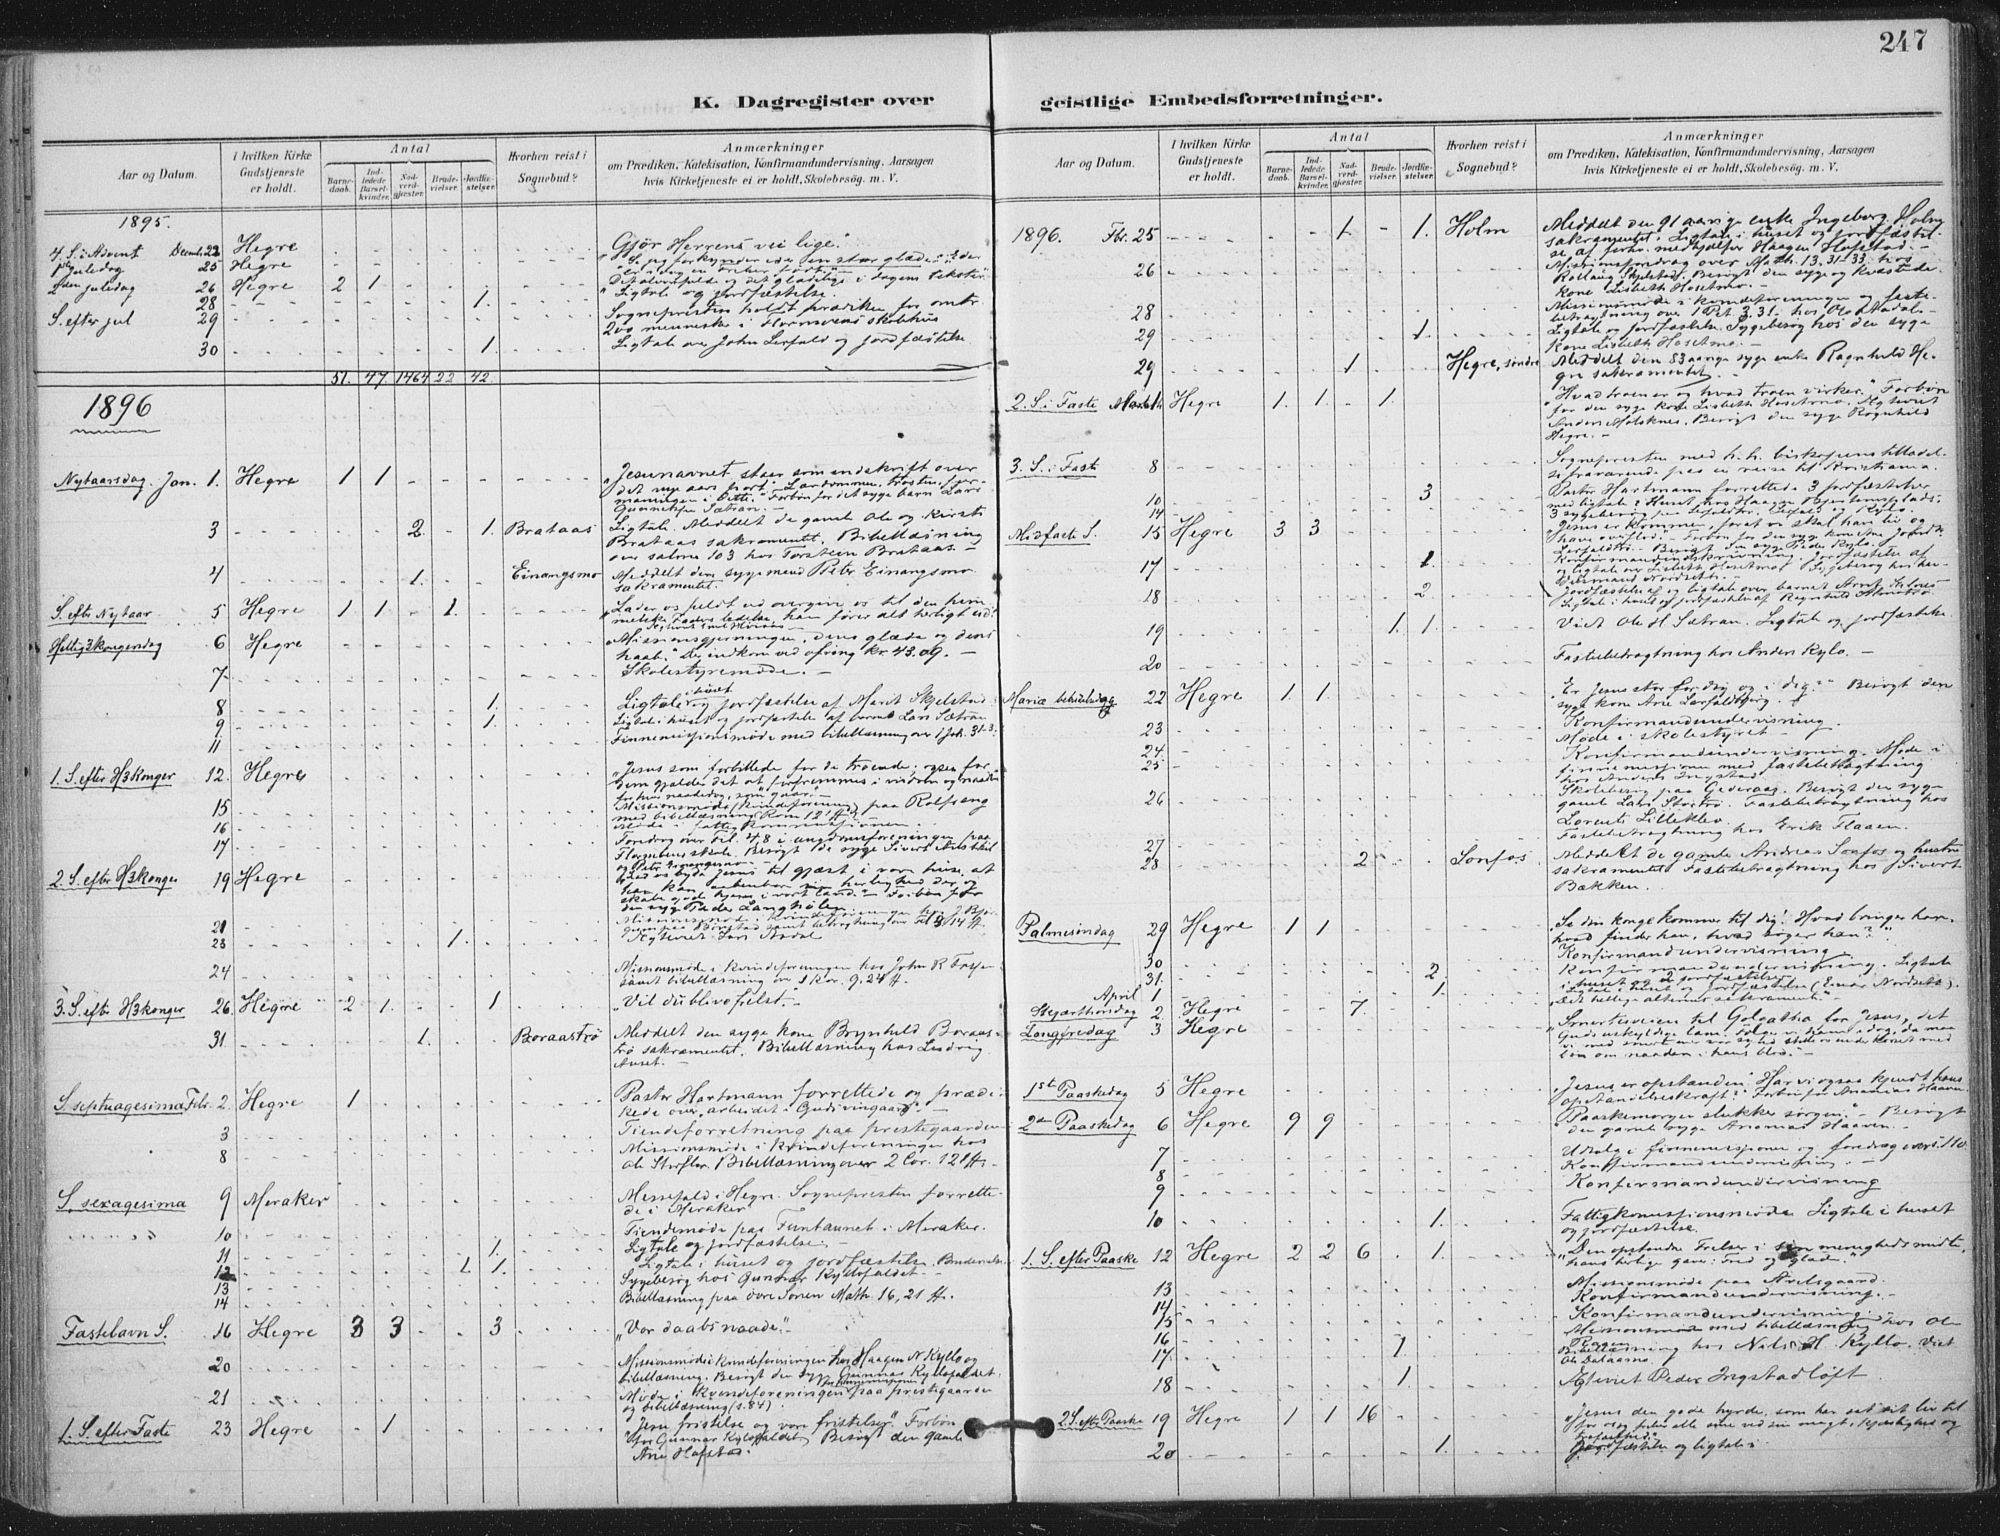 SAT, Ministerialprotokoller, klokkerbøker og fødselsregistre - Nord-Trøndelag, 703/L0031: Ministerialbok nr. 703A04, 1893-1914, s. 247